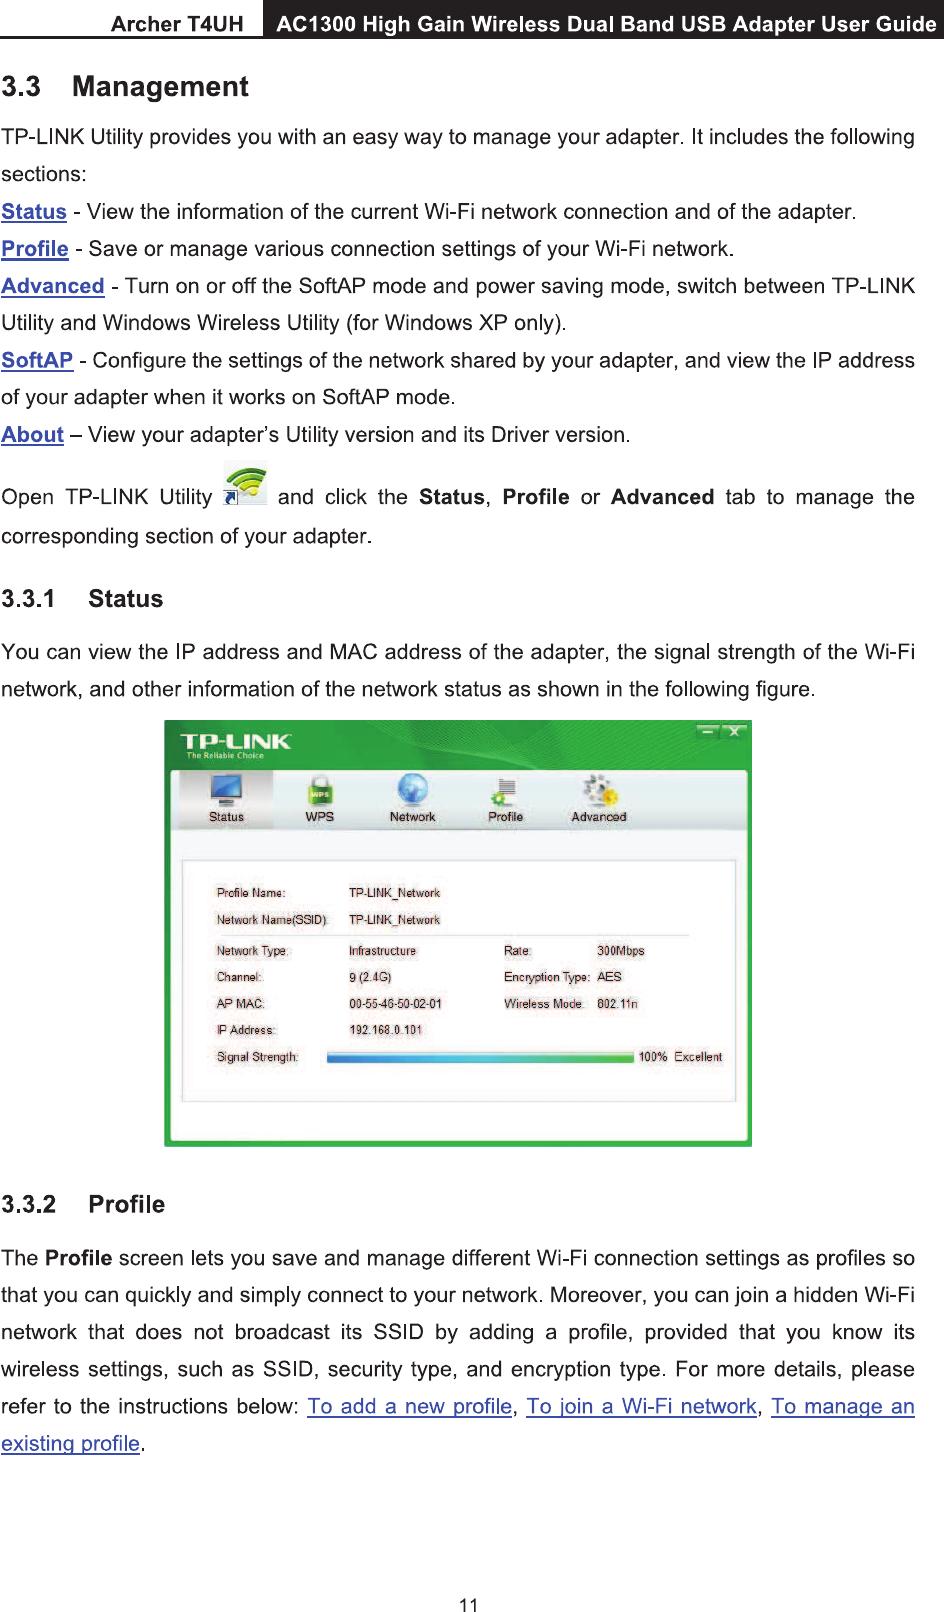 tp-link archer c3200 user manual